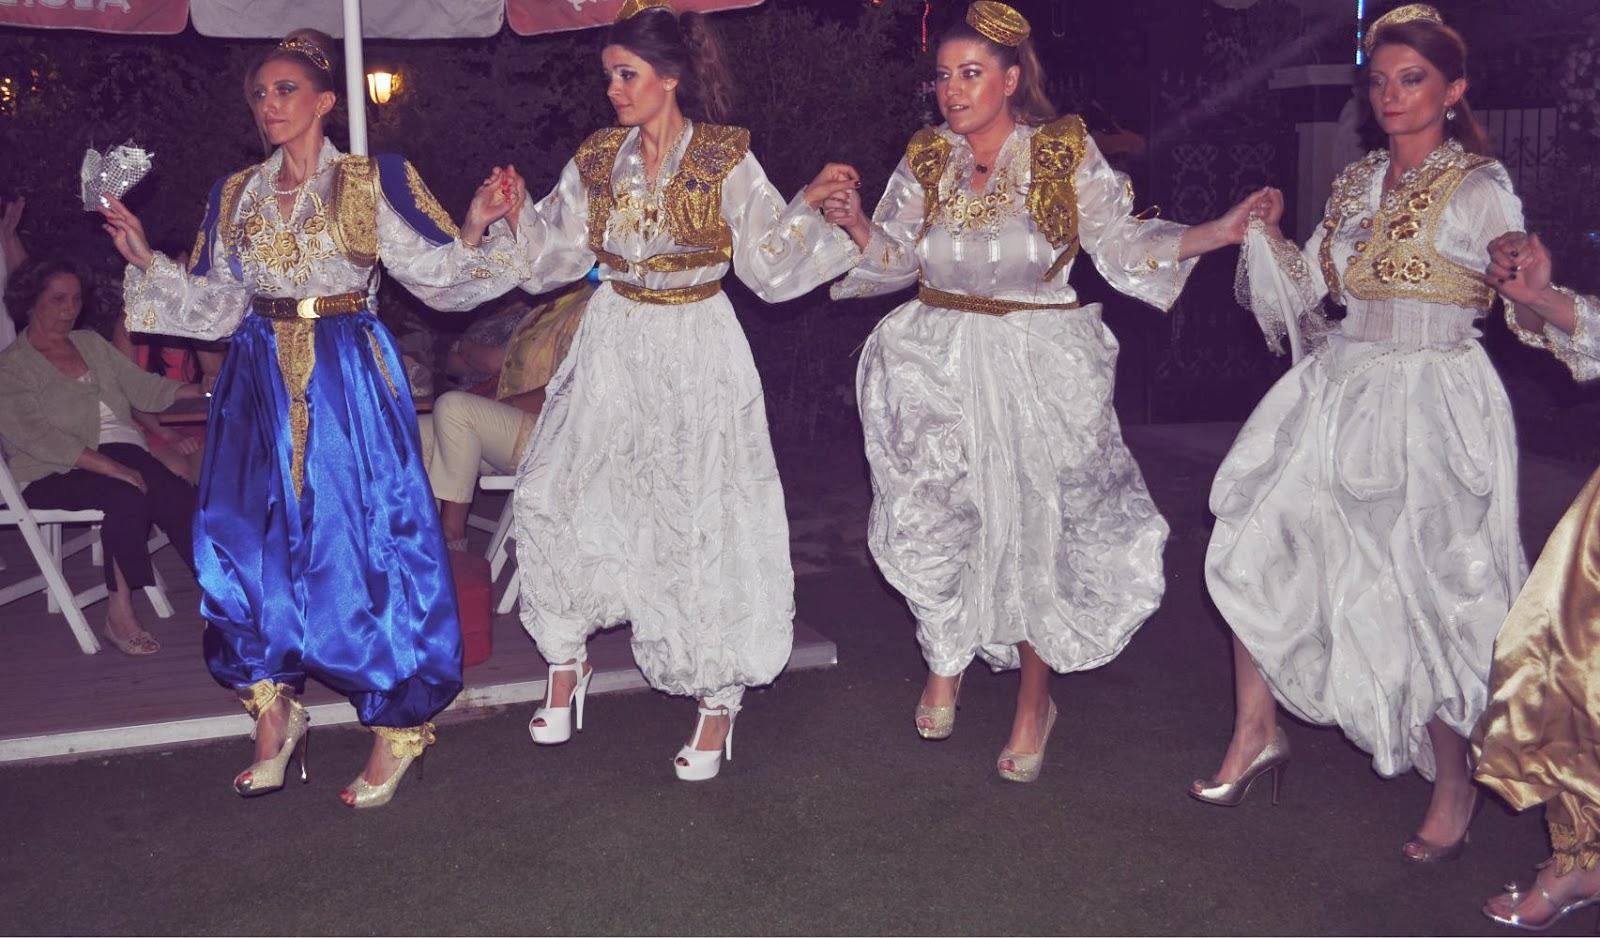 Türkiye'de Arnavut Kızlar Gelenekleri Sürdürüyor.